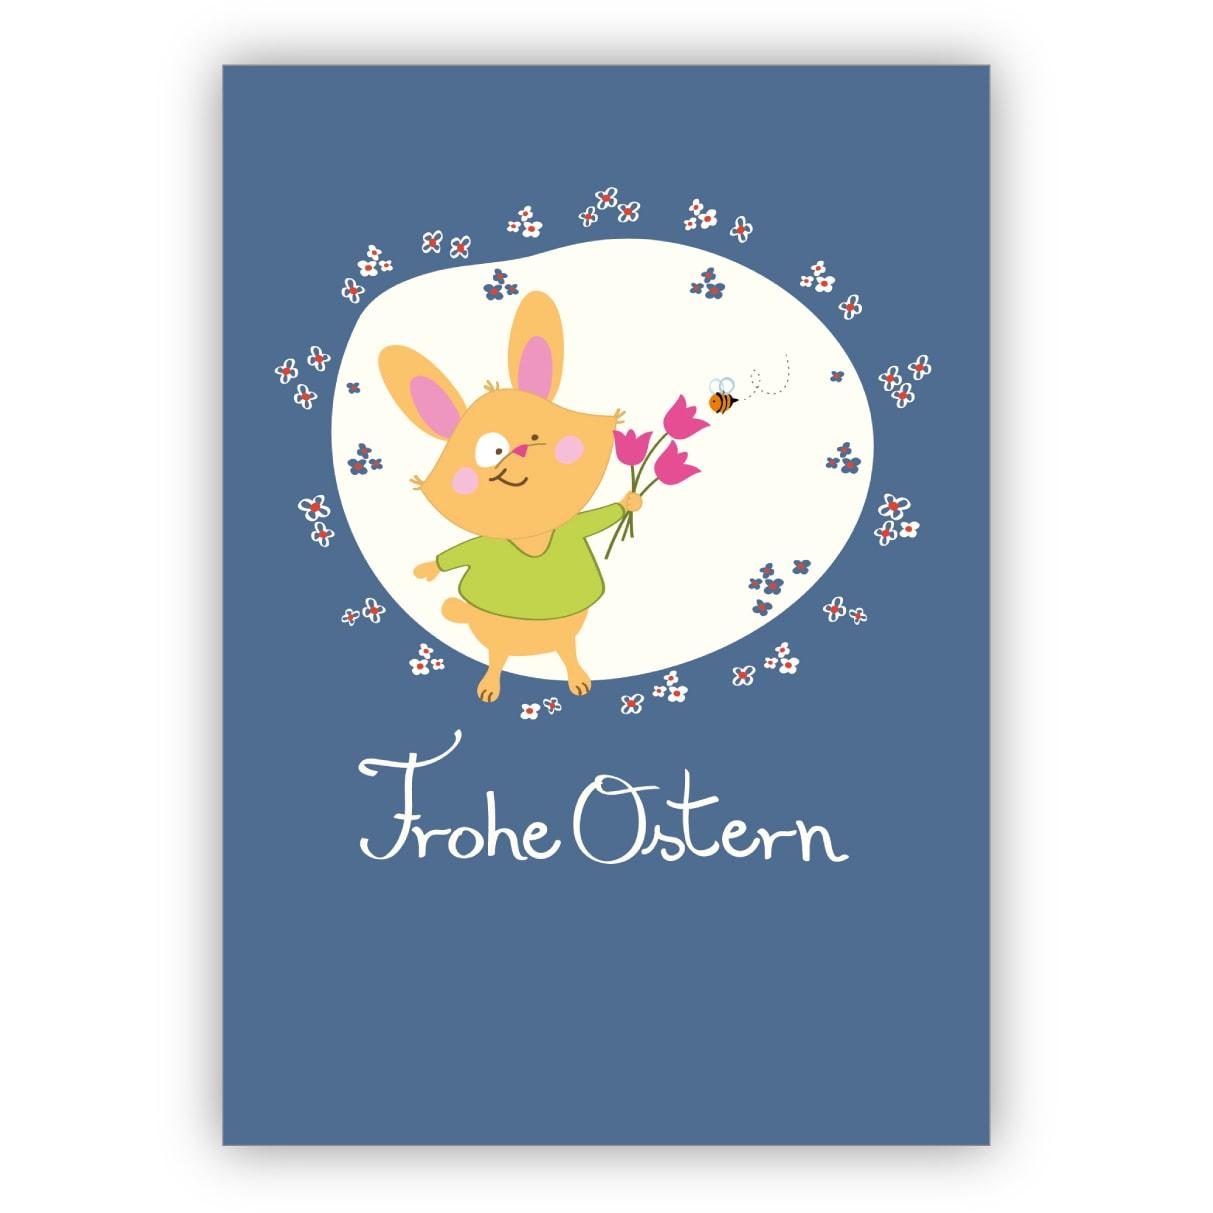 Nette Osterkarte mit kleinem Häschen und Tulpen: Frohe Ostern